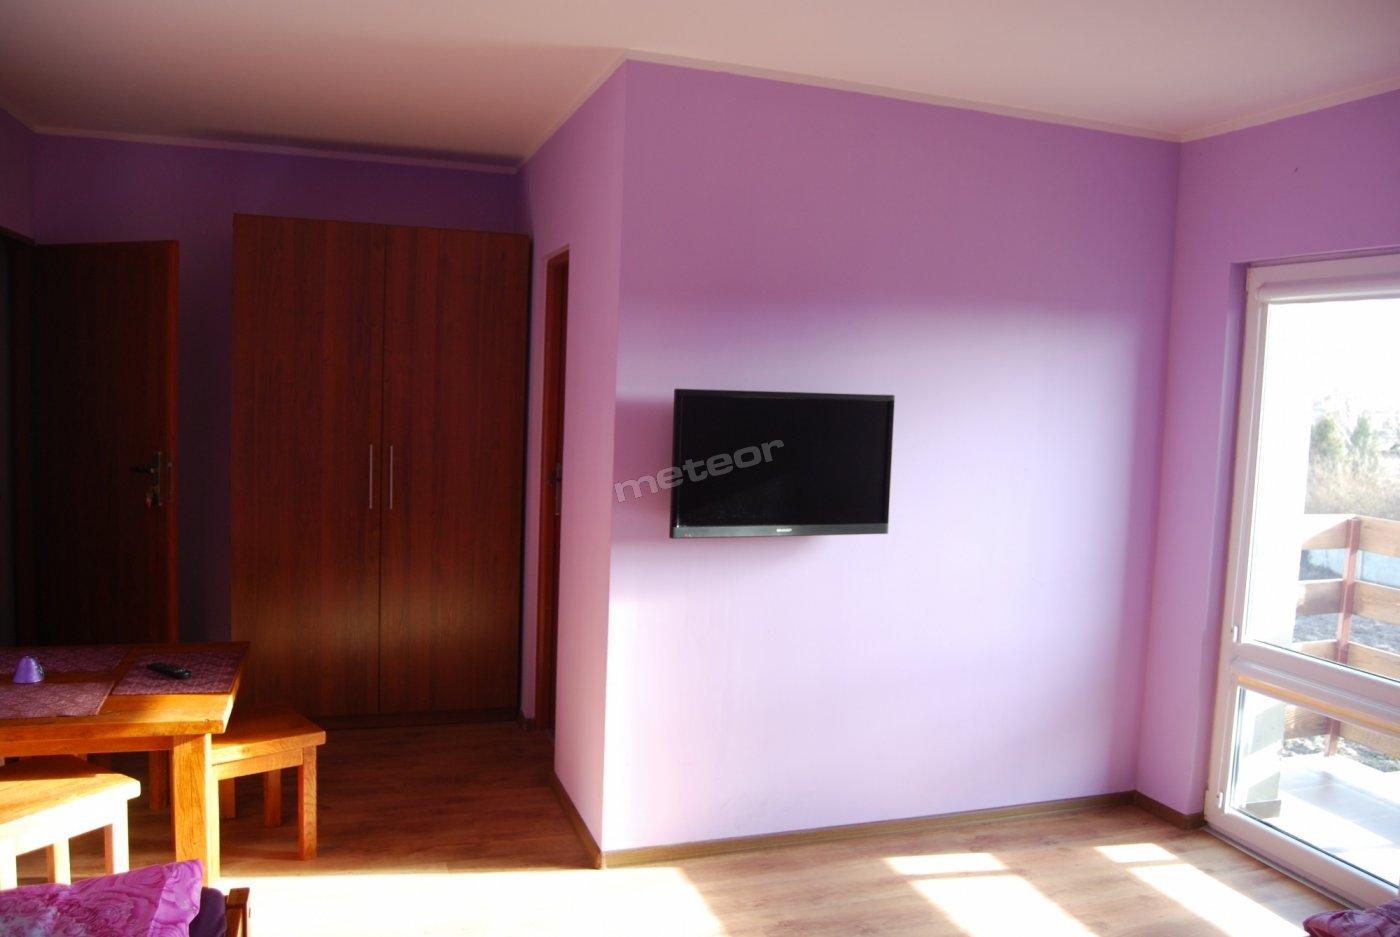 pokój górski, balkonowy, 3 - osobowy, taras do wyłącznej dyspozycji gości. stół i krzesła lity dąb.